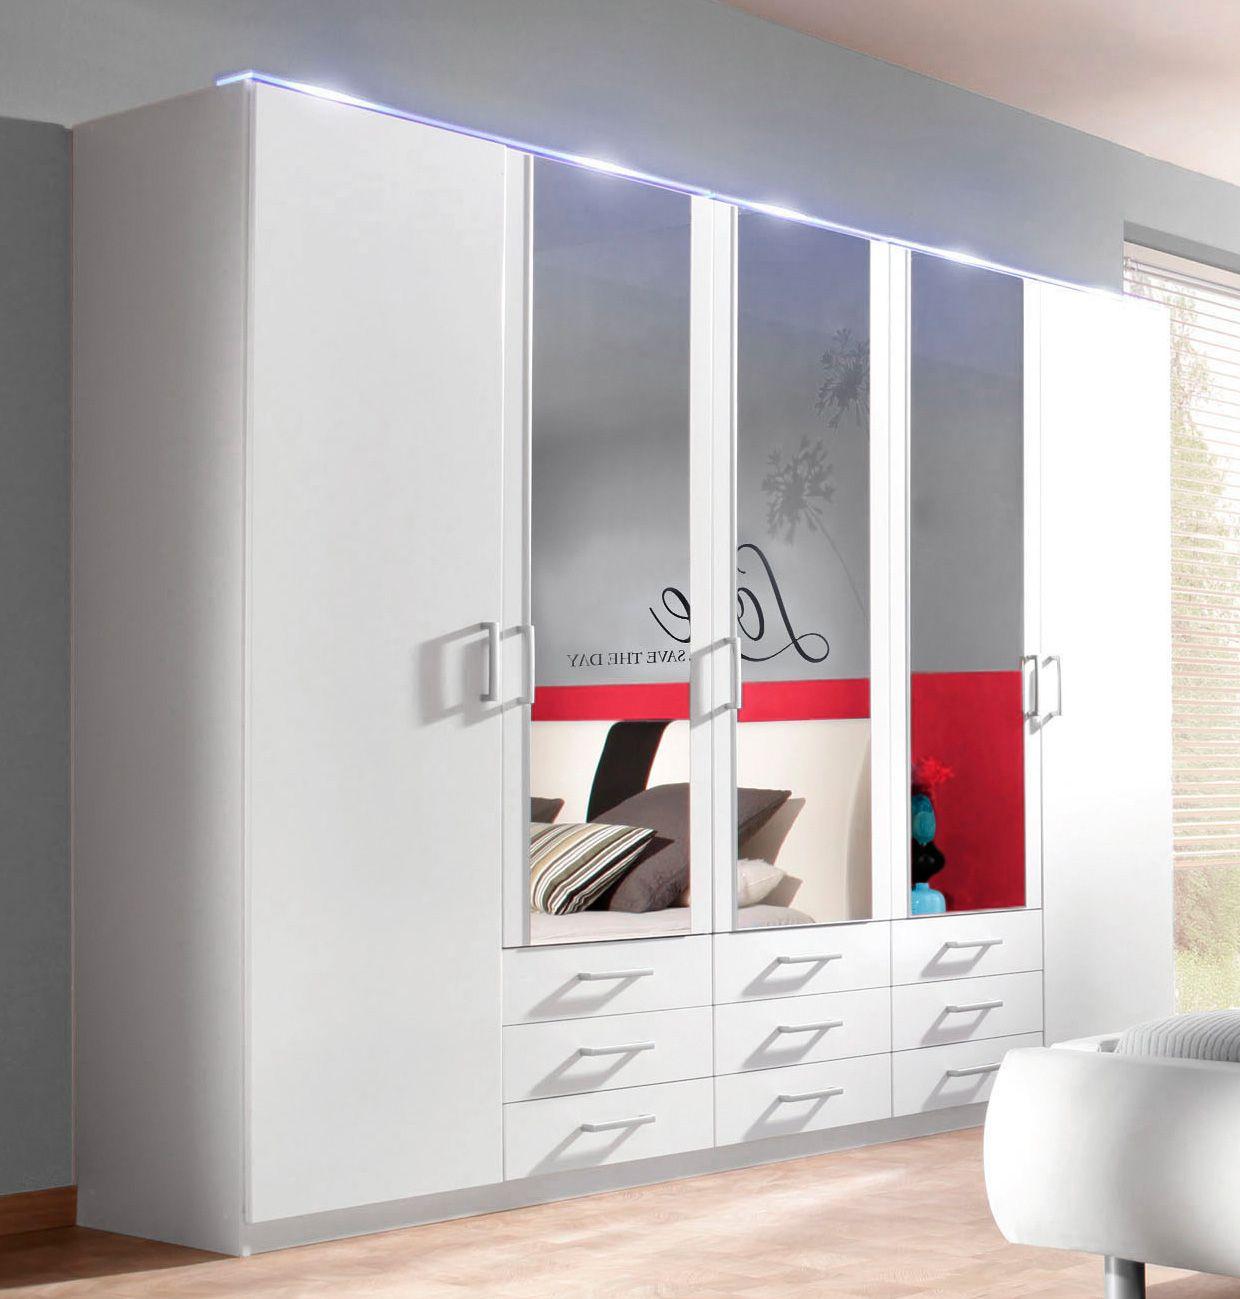 kleiderschrank schwab versand modern. Black Bedroom Furniture Sets. Home Design Ideas